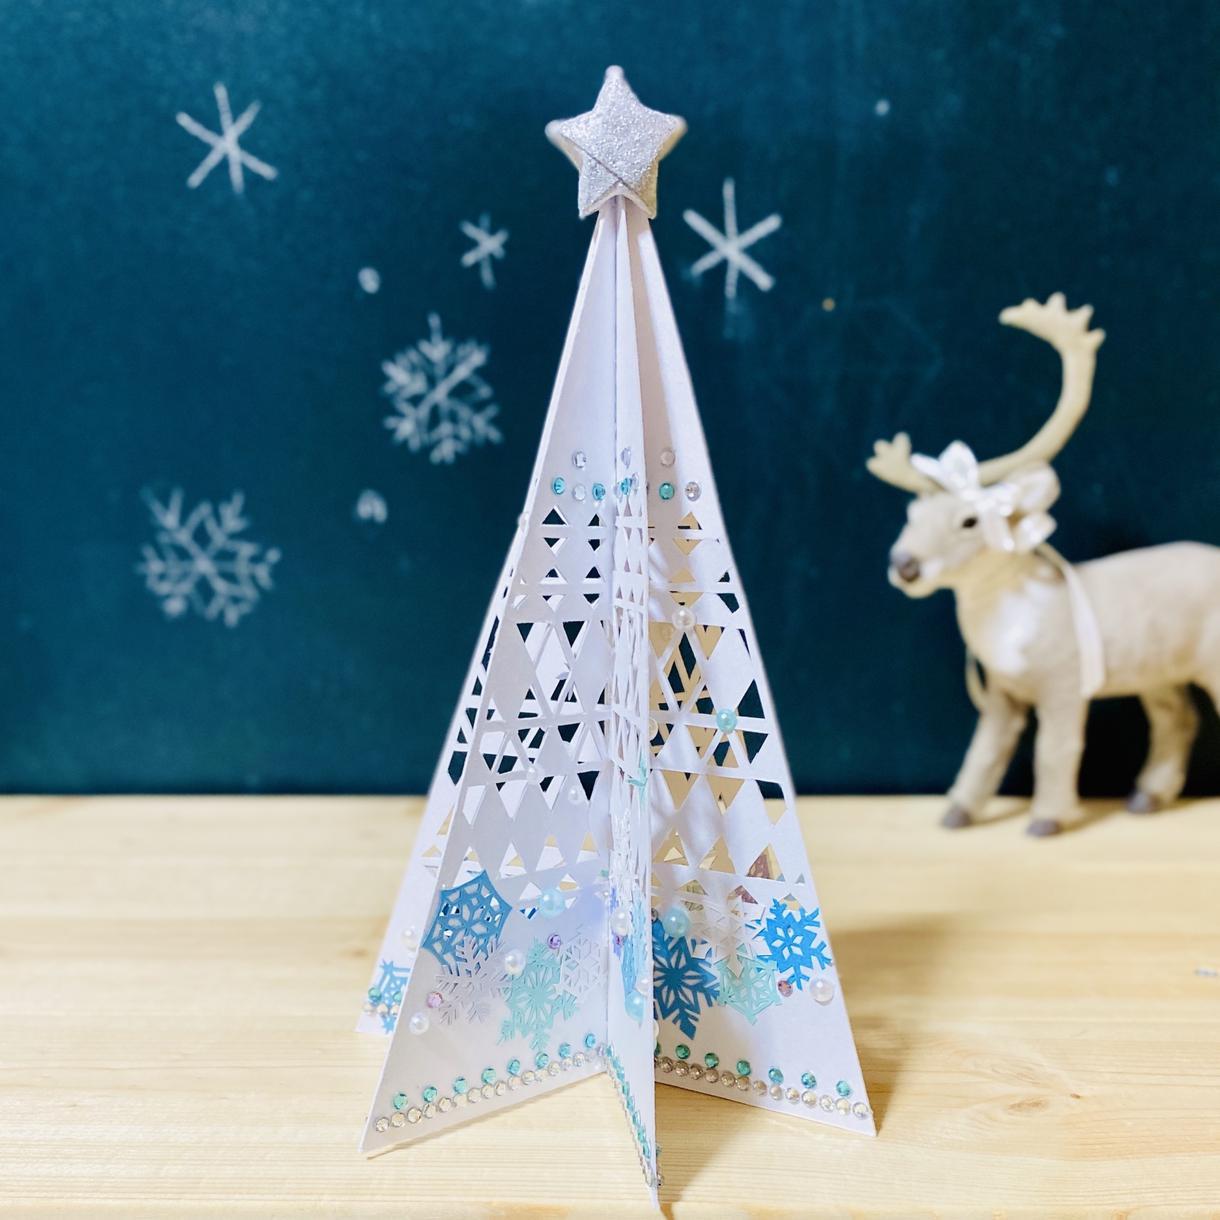 クリスマスツリー制作します お家クリスマスを彩る小さな卓上クリスマスツリー イメージ1